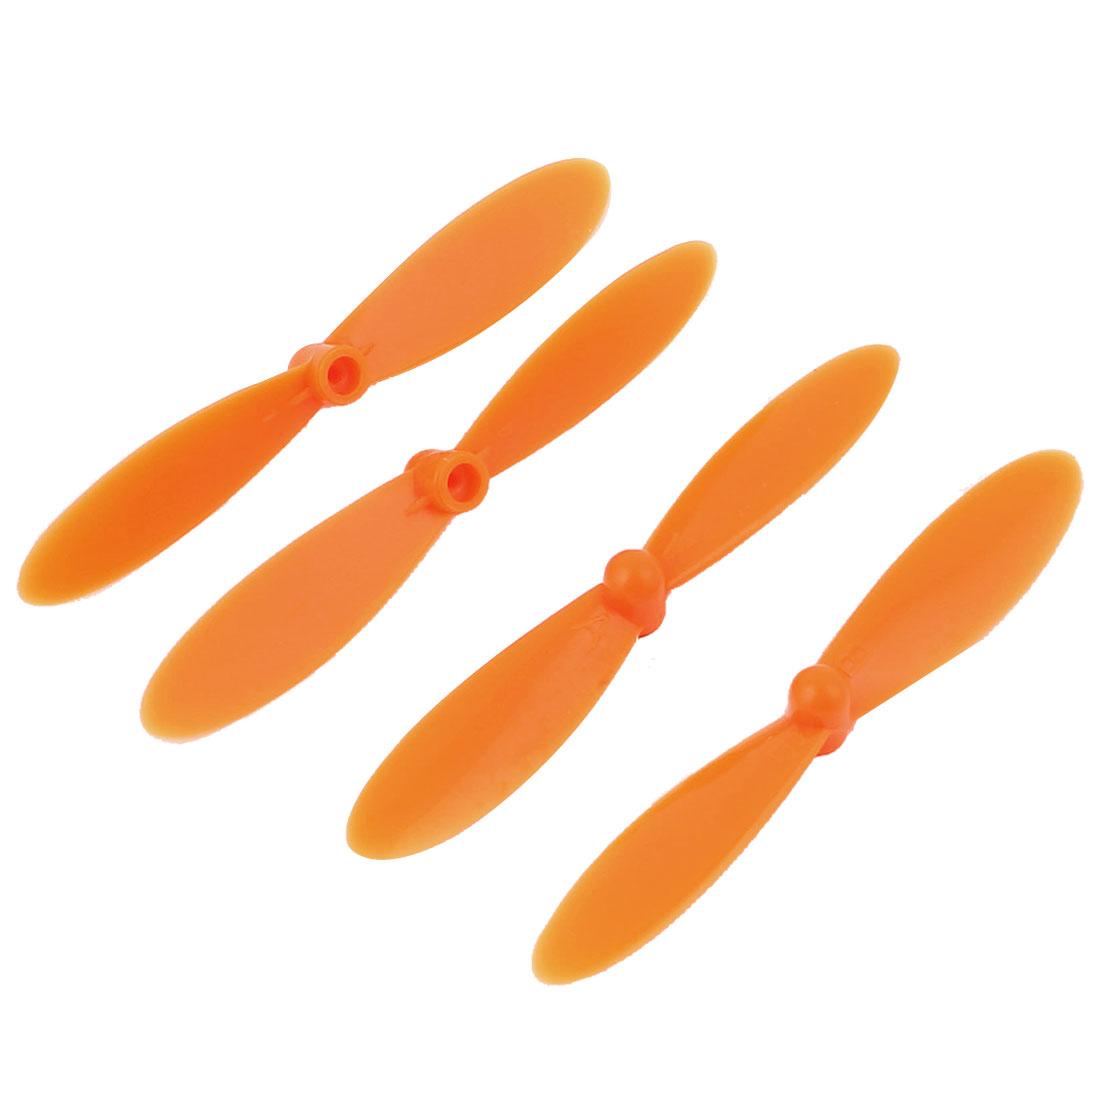 Hubsan X4 H107C H107D Quadcopter Propellers Rotors Props Vanes Set Orange